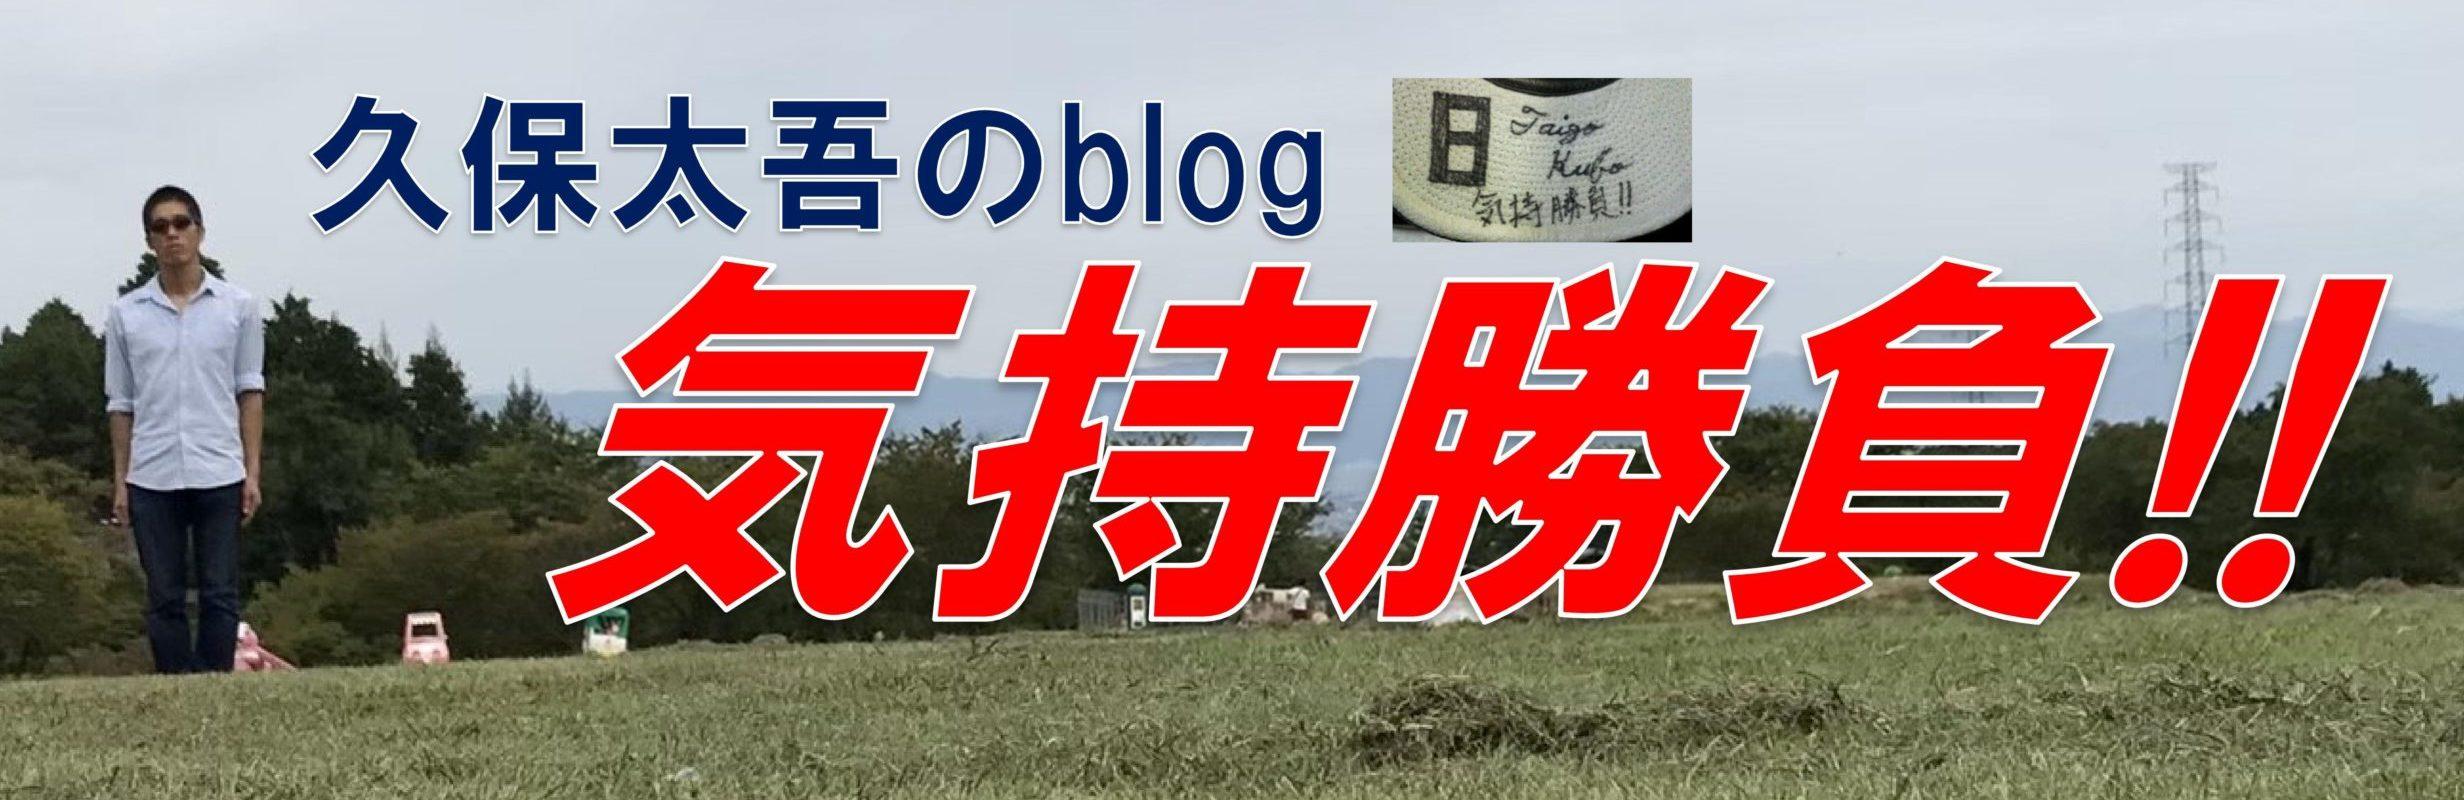 久保太吾のブログ「気持勝負」